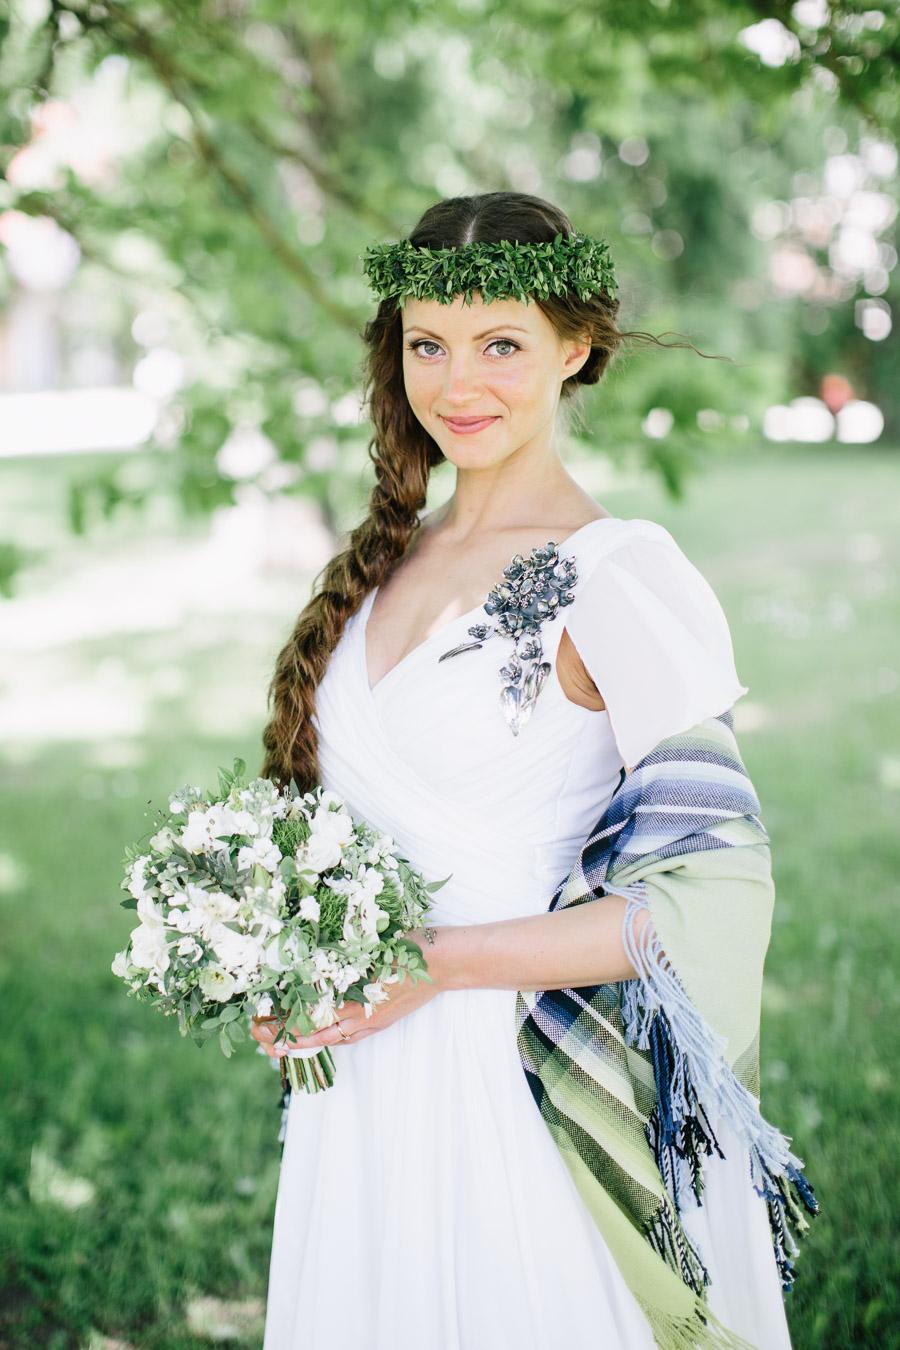 kazas_latviesu_tradicijas_kristaps_hercs-58